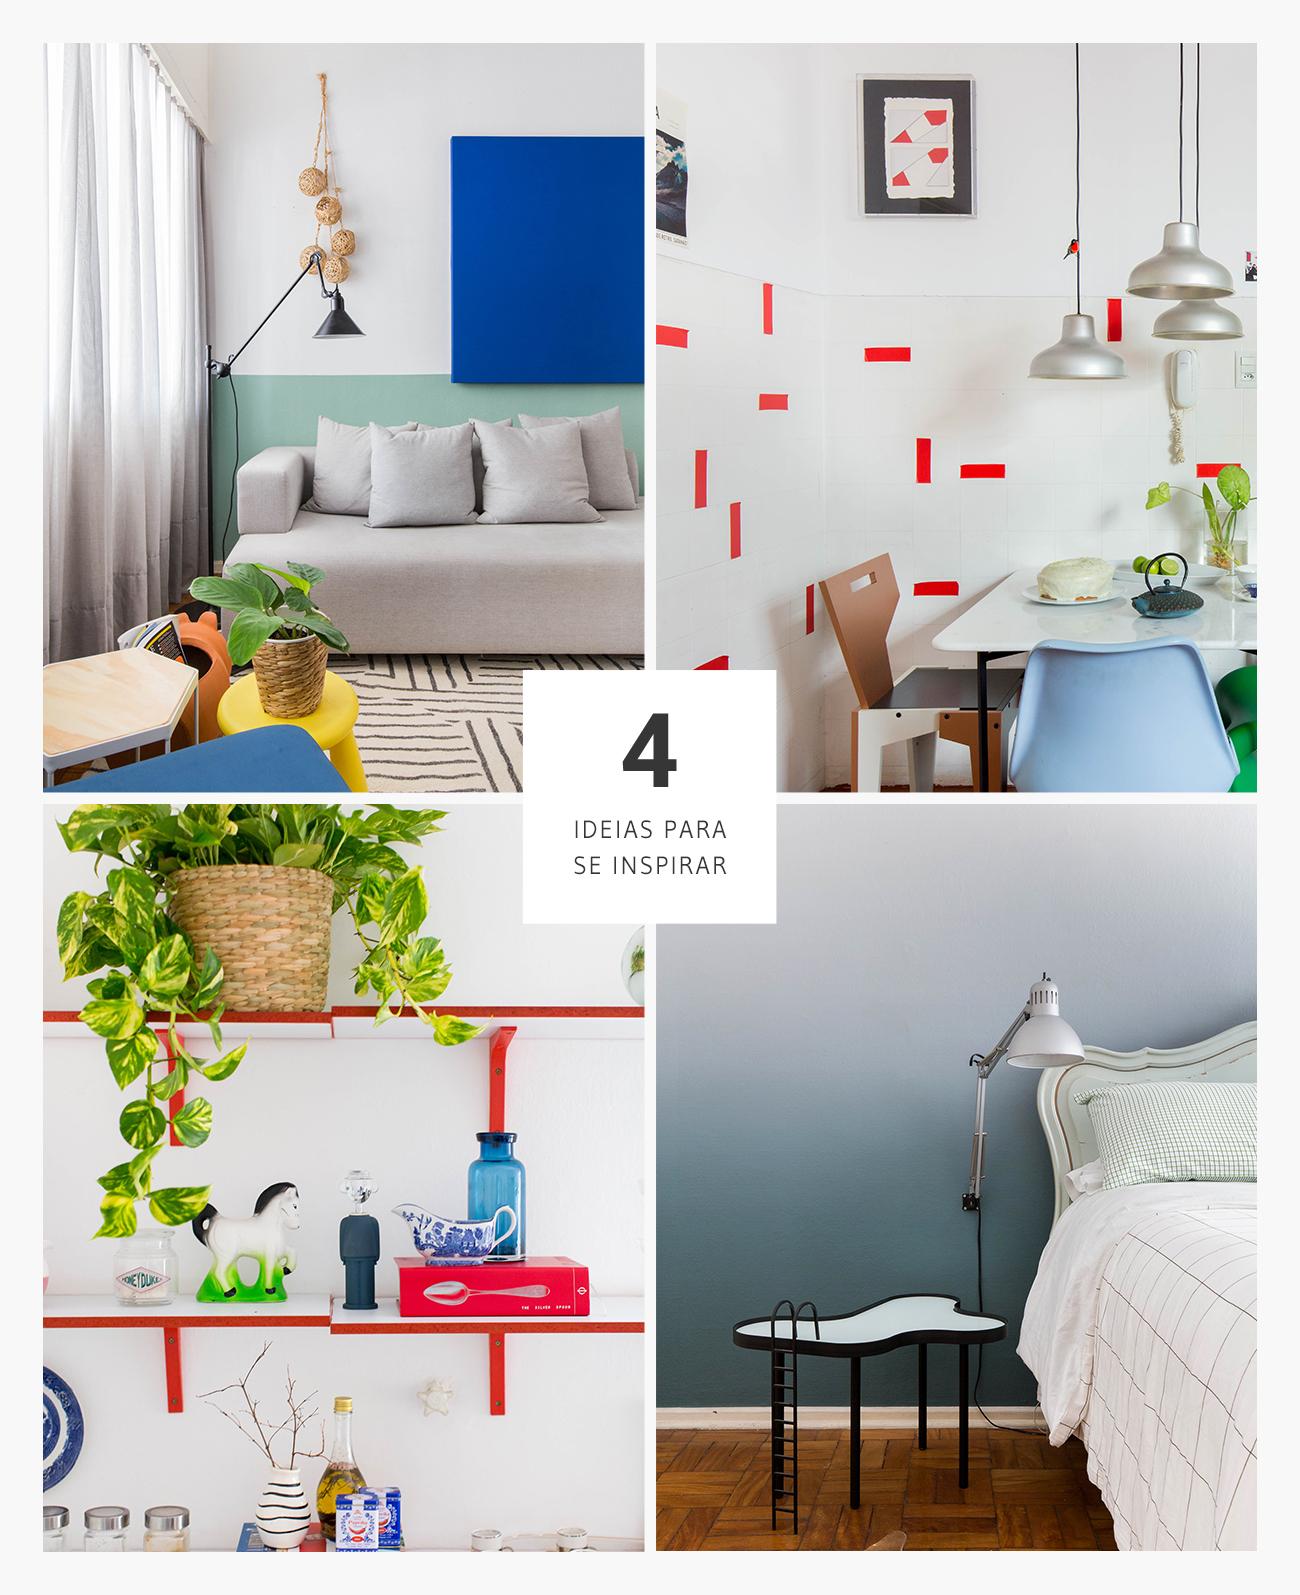 4 boas ideias de decoração sem reforma